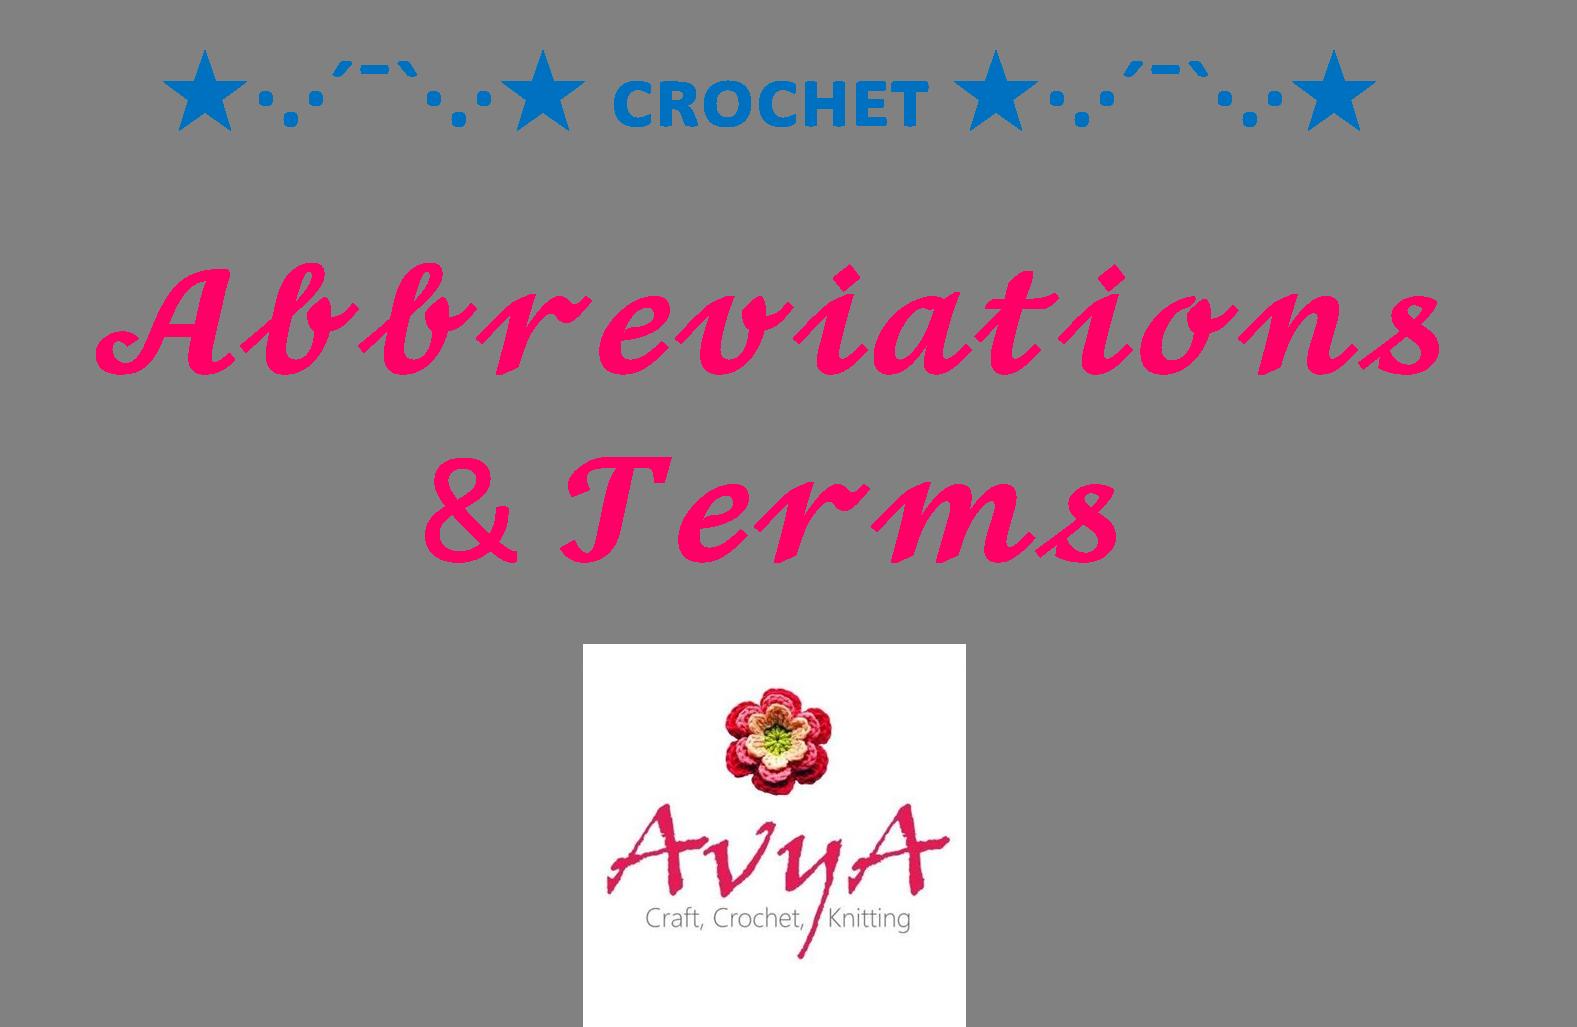 Crochet Abbreviaions_Avya